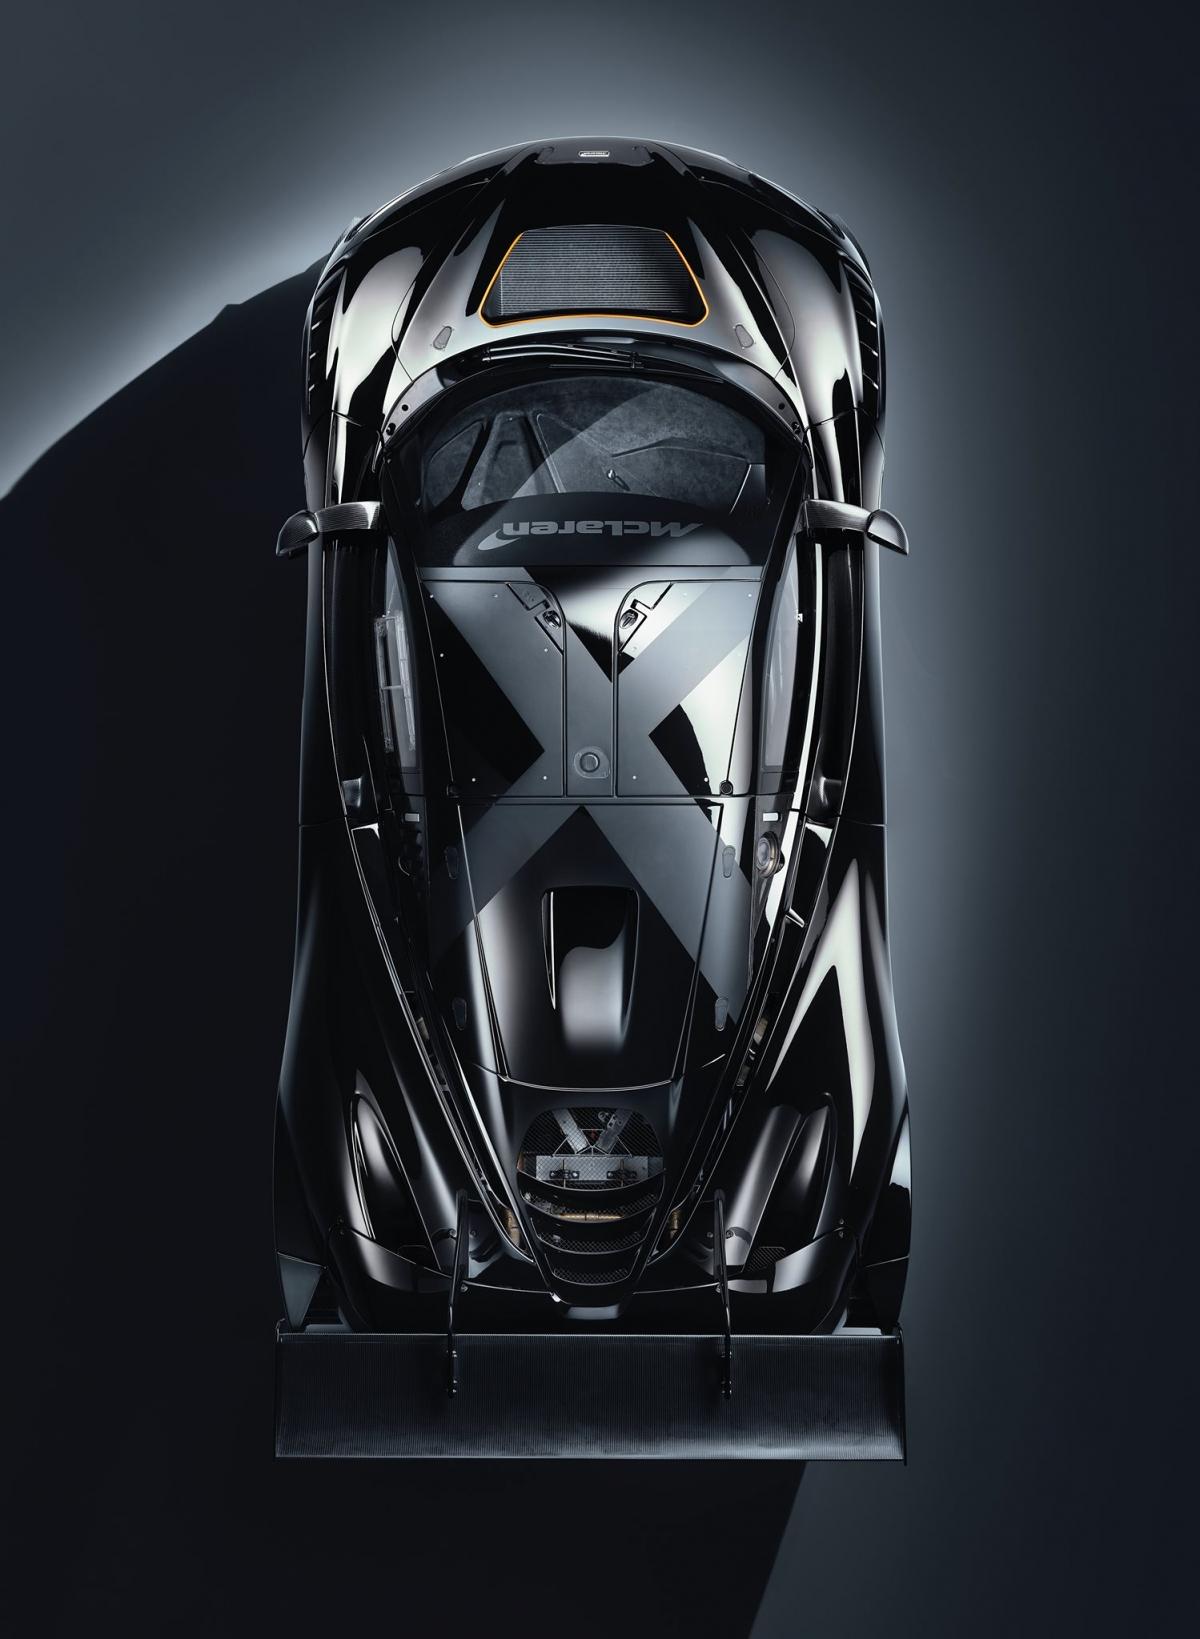 Các tinh chỉnh cho động cơ bao gồm các turbo lớn hơn và các ống góp. McLaren cho biết, sẽ chế tạo thủ công từng động cơ, đồng thời nâng cấp thêm cho xe hệ thống làm mát. Phiên bản 720S GT3X vẫn được sử dụng hệ thống khung xe Monocage II trứ danh trên những chiếc 720S.